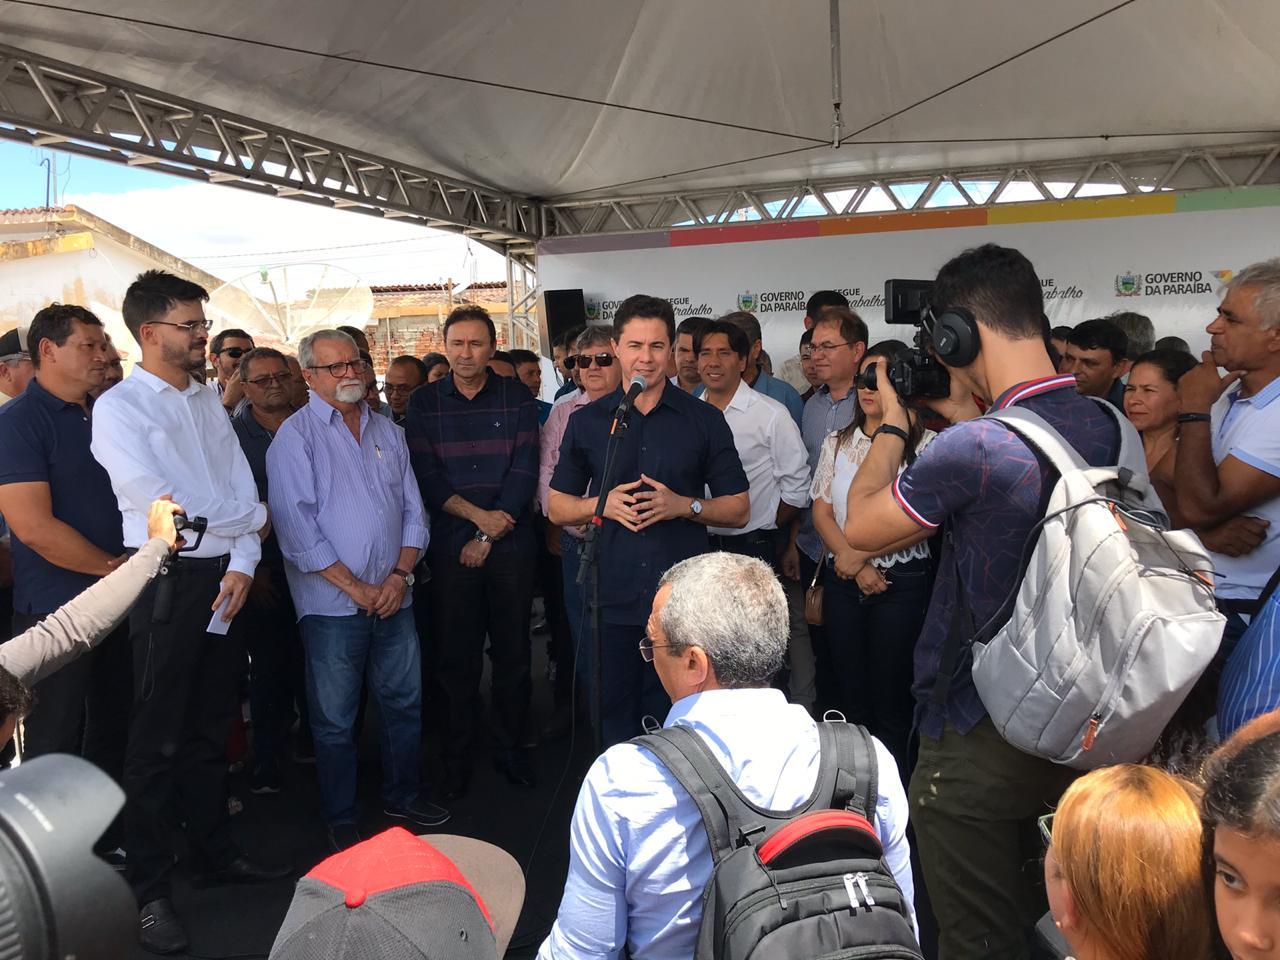 WhatsApp Image 2019 11 09 at 10.08.03 1 - Veneziano participa de entrega de obras em Cacimba de Dentro e destaca qualidades do governo João Azevêdo